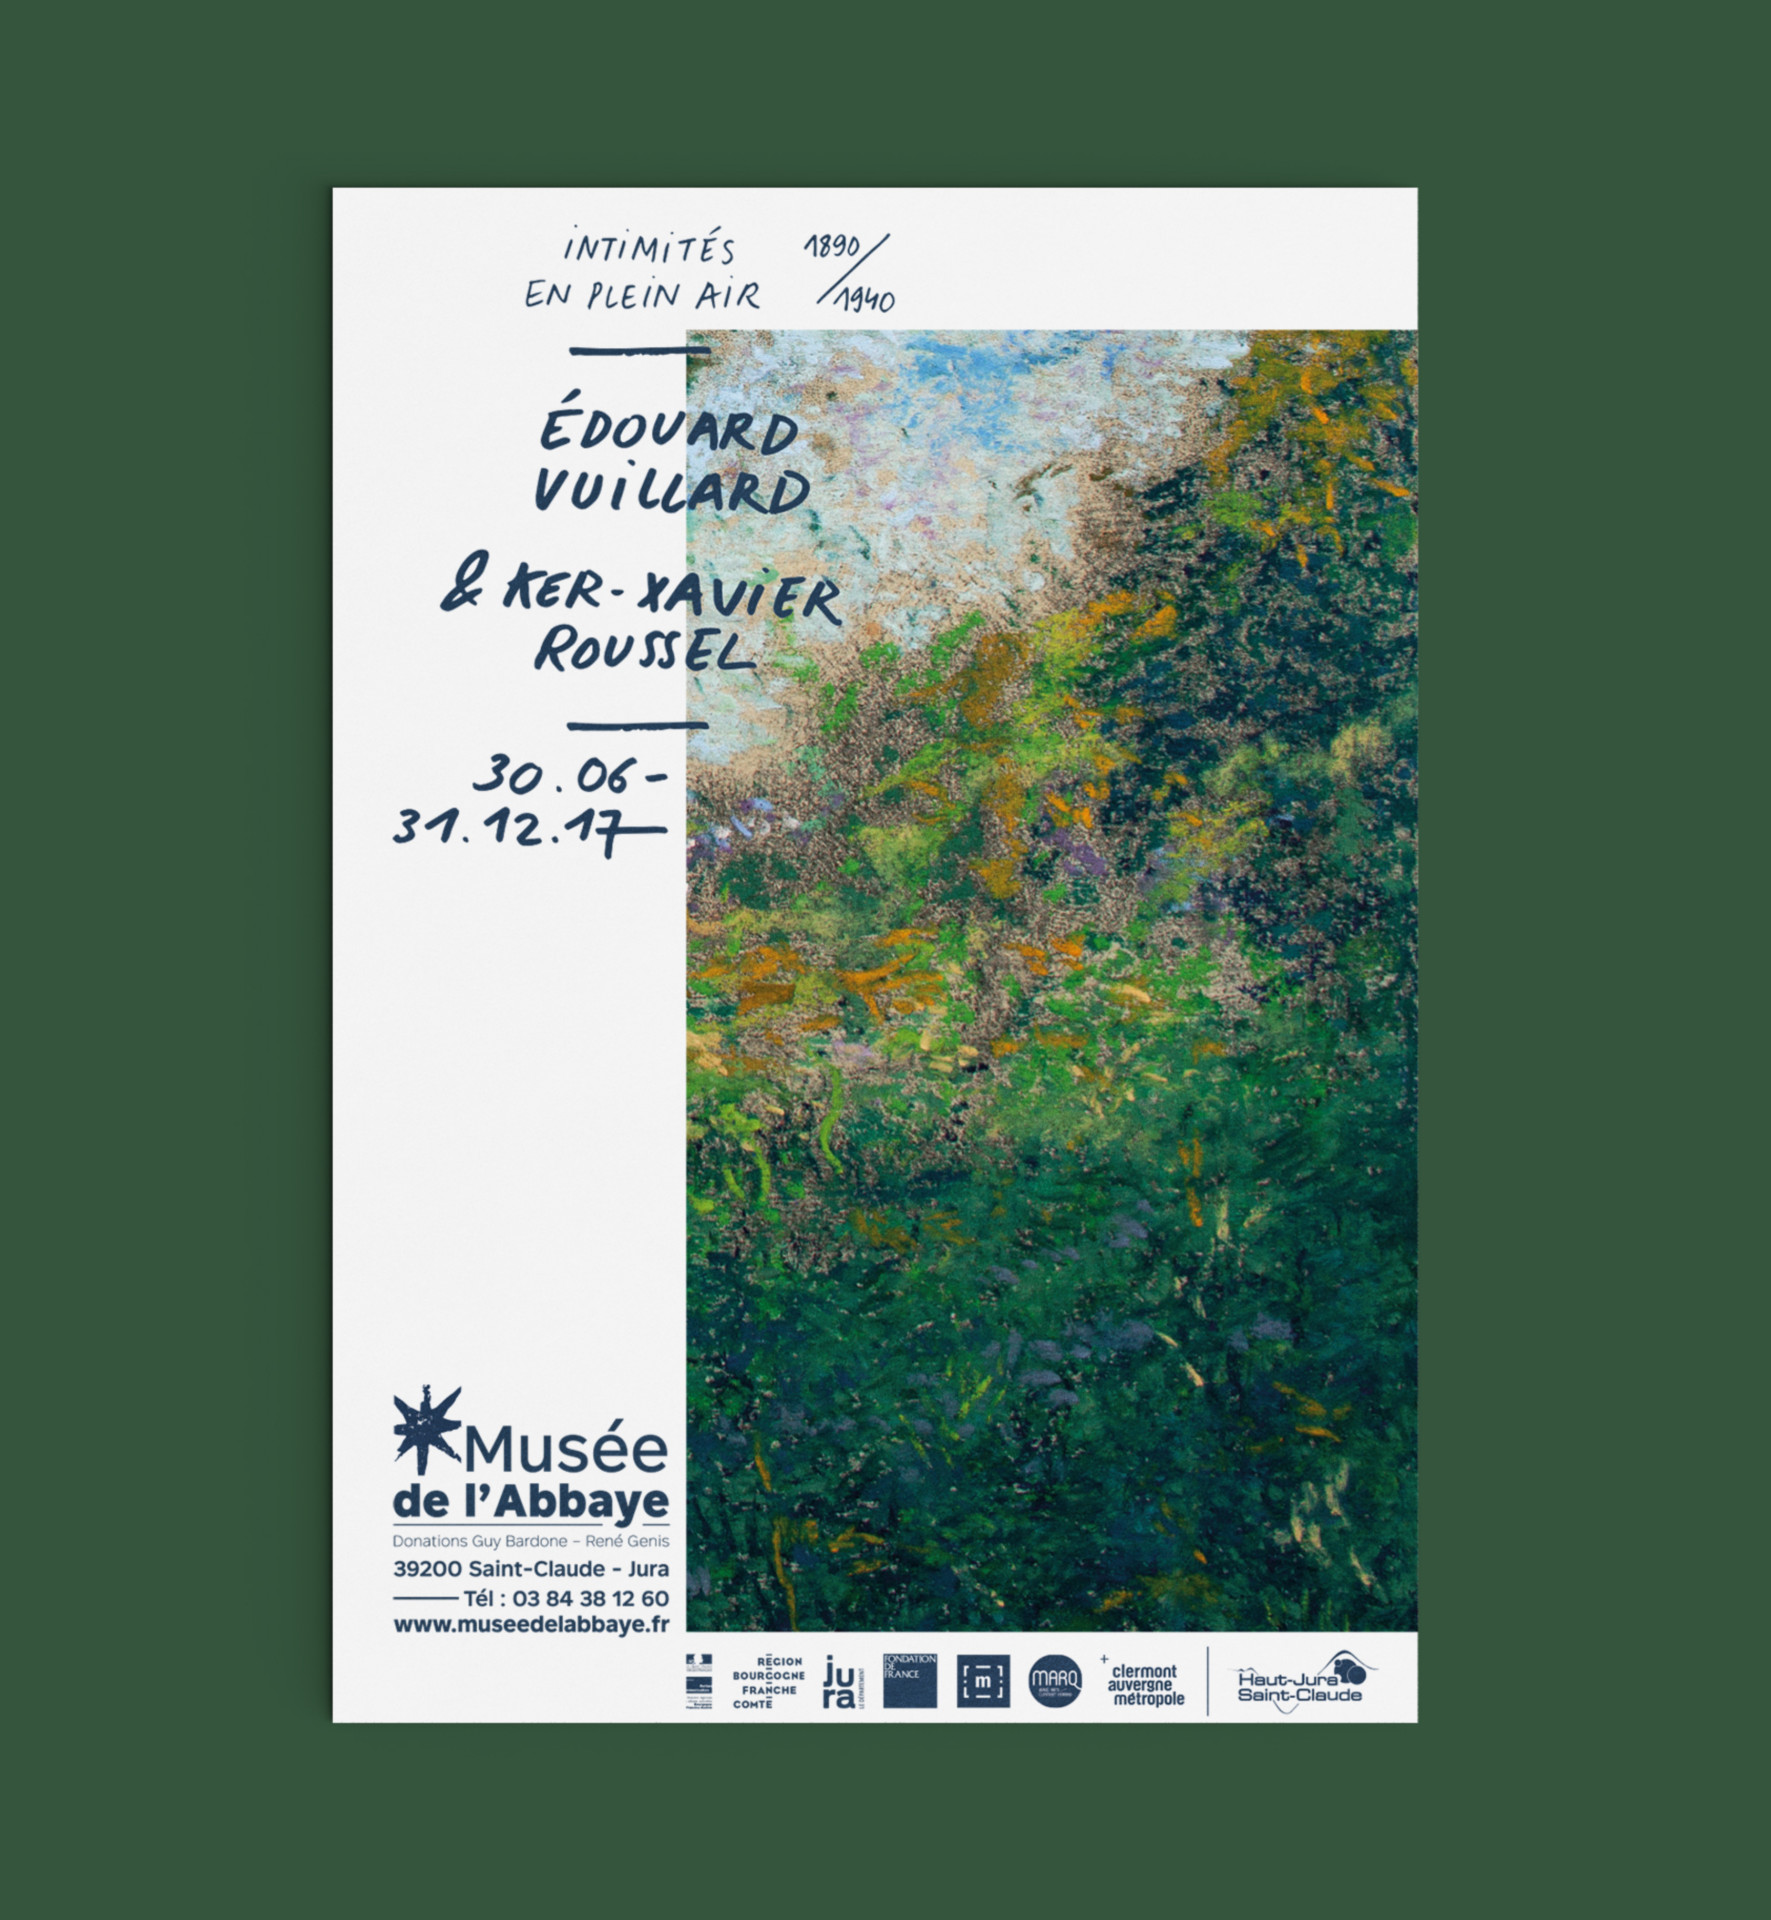 affiche de l'exposition du musée